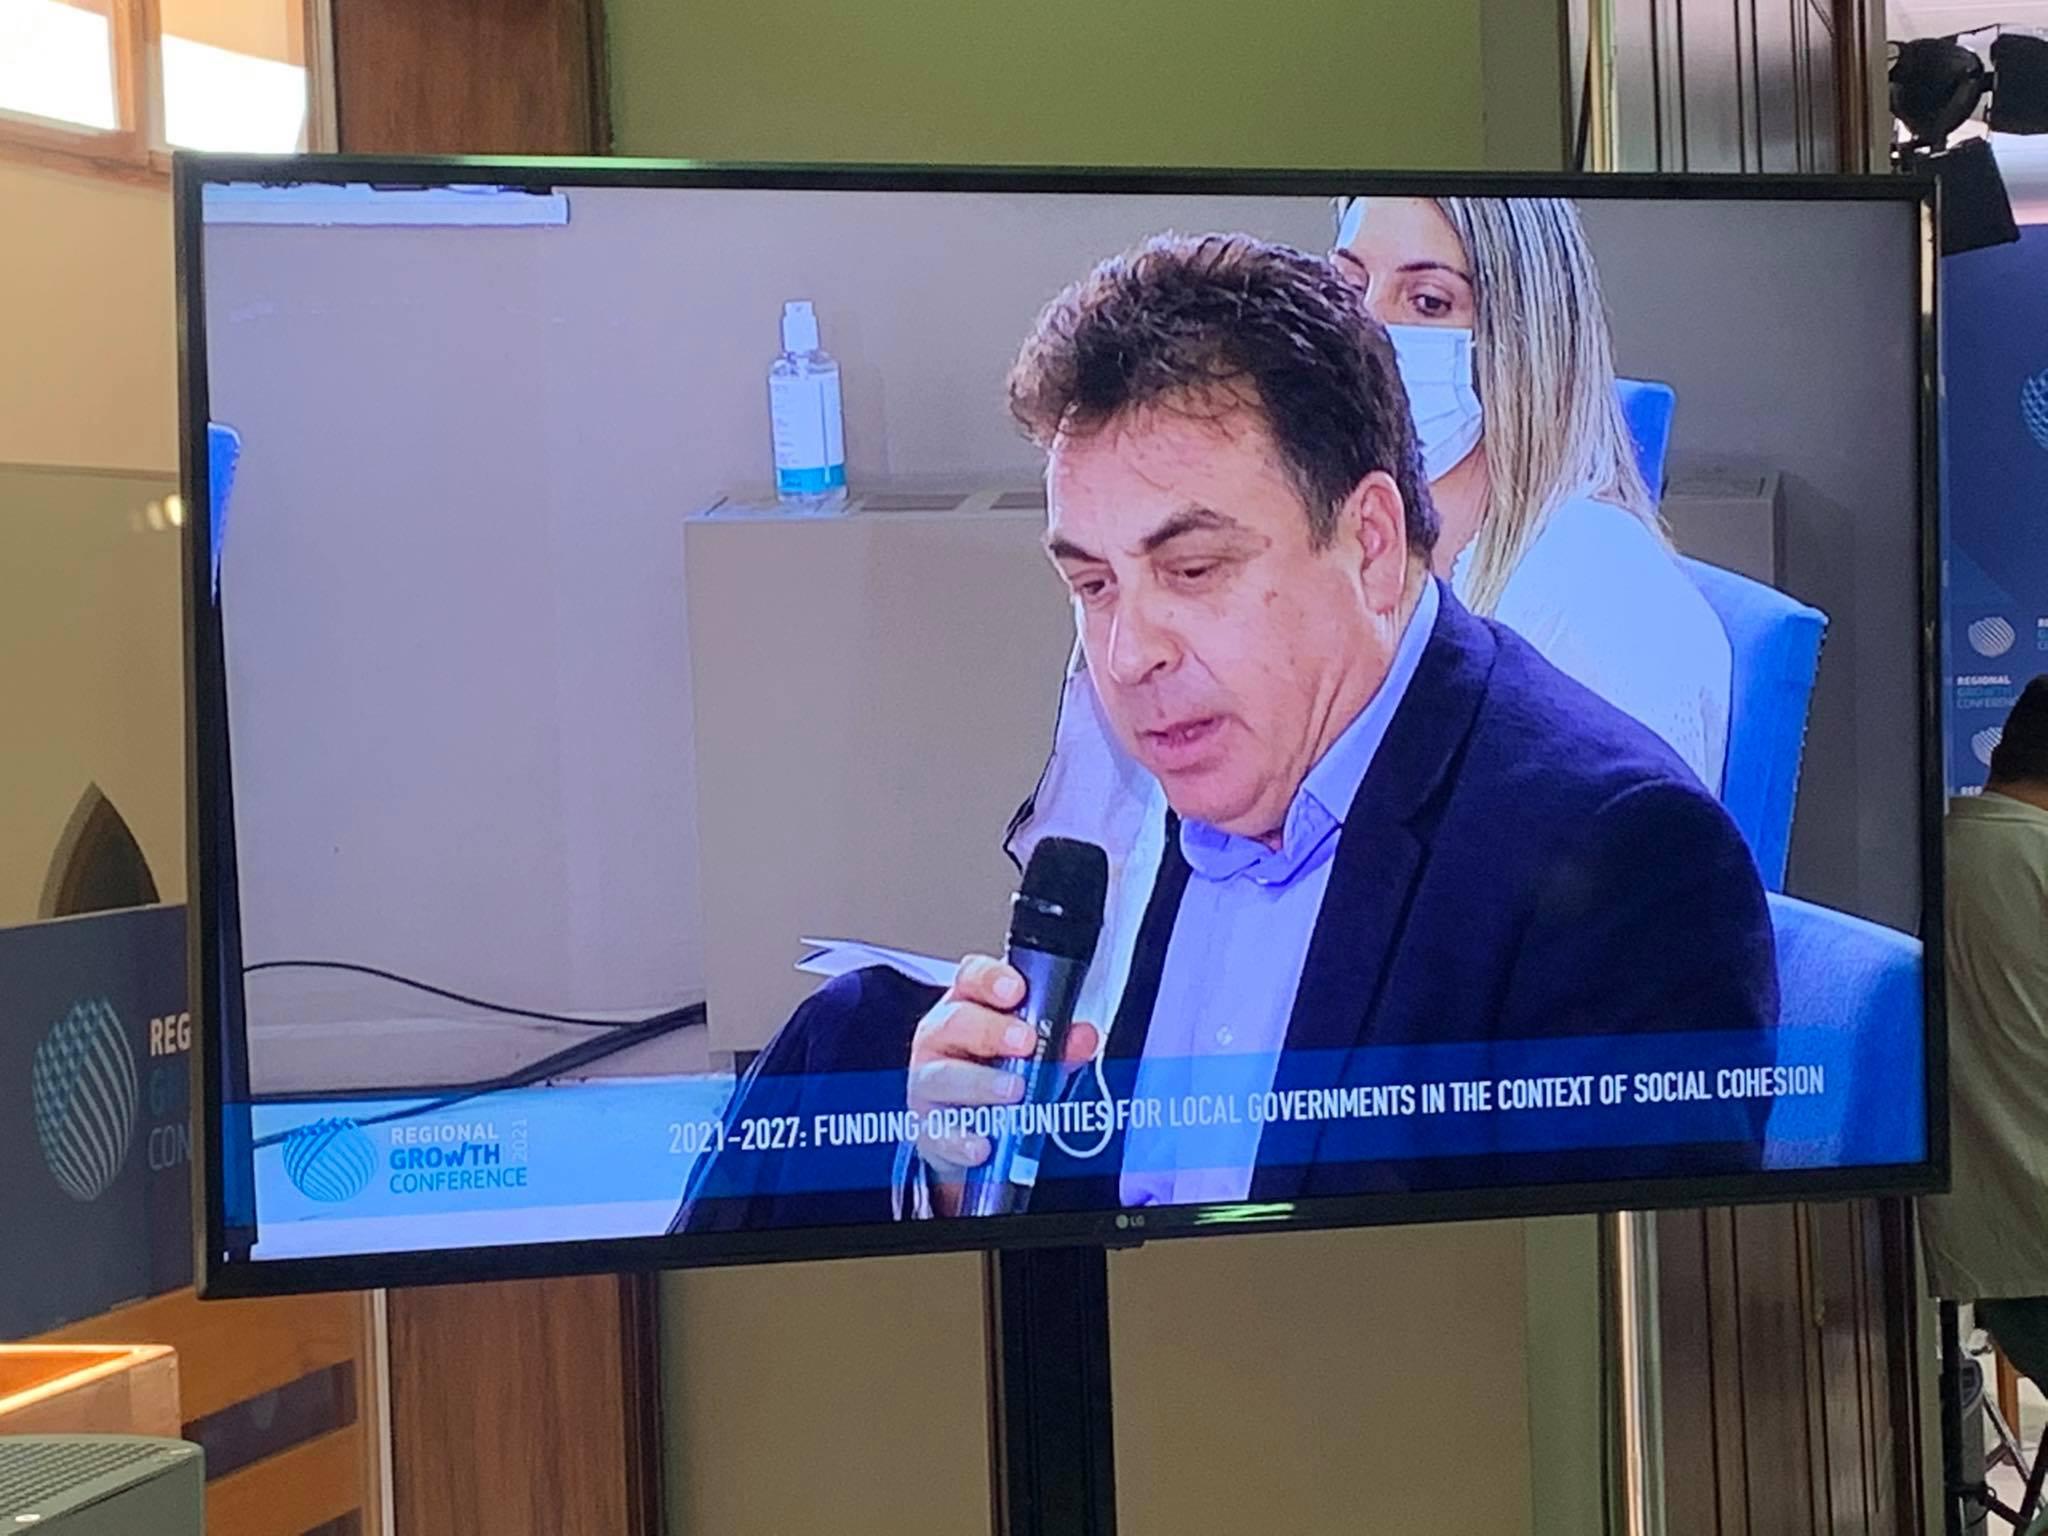 Ο δήμαρχος Πύργου στο Συνέδριο Περιφερειακής Ανάπτυξης RGC- Π. Αντωνακόπουλος: «Η καταστροφική γραφειοκρατία διαιωνίζει την εξουσία της»